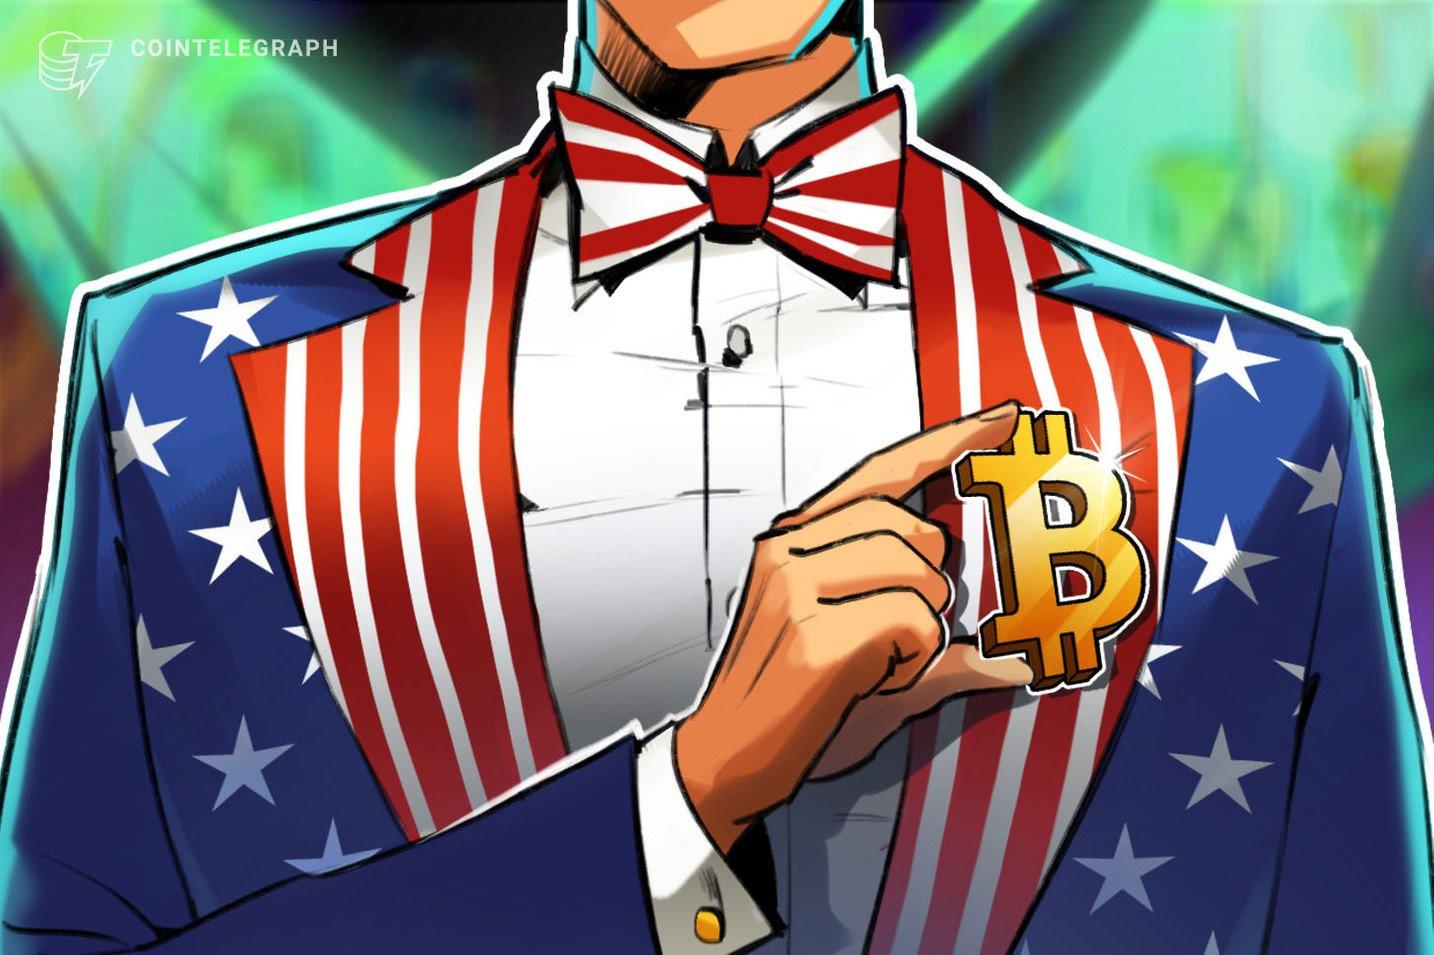 米テキサスのマイナー、25%ハッシュレート獲得宣言 仮想通貨ビットコインのマイニングでも米中対決